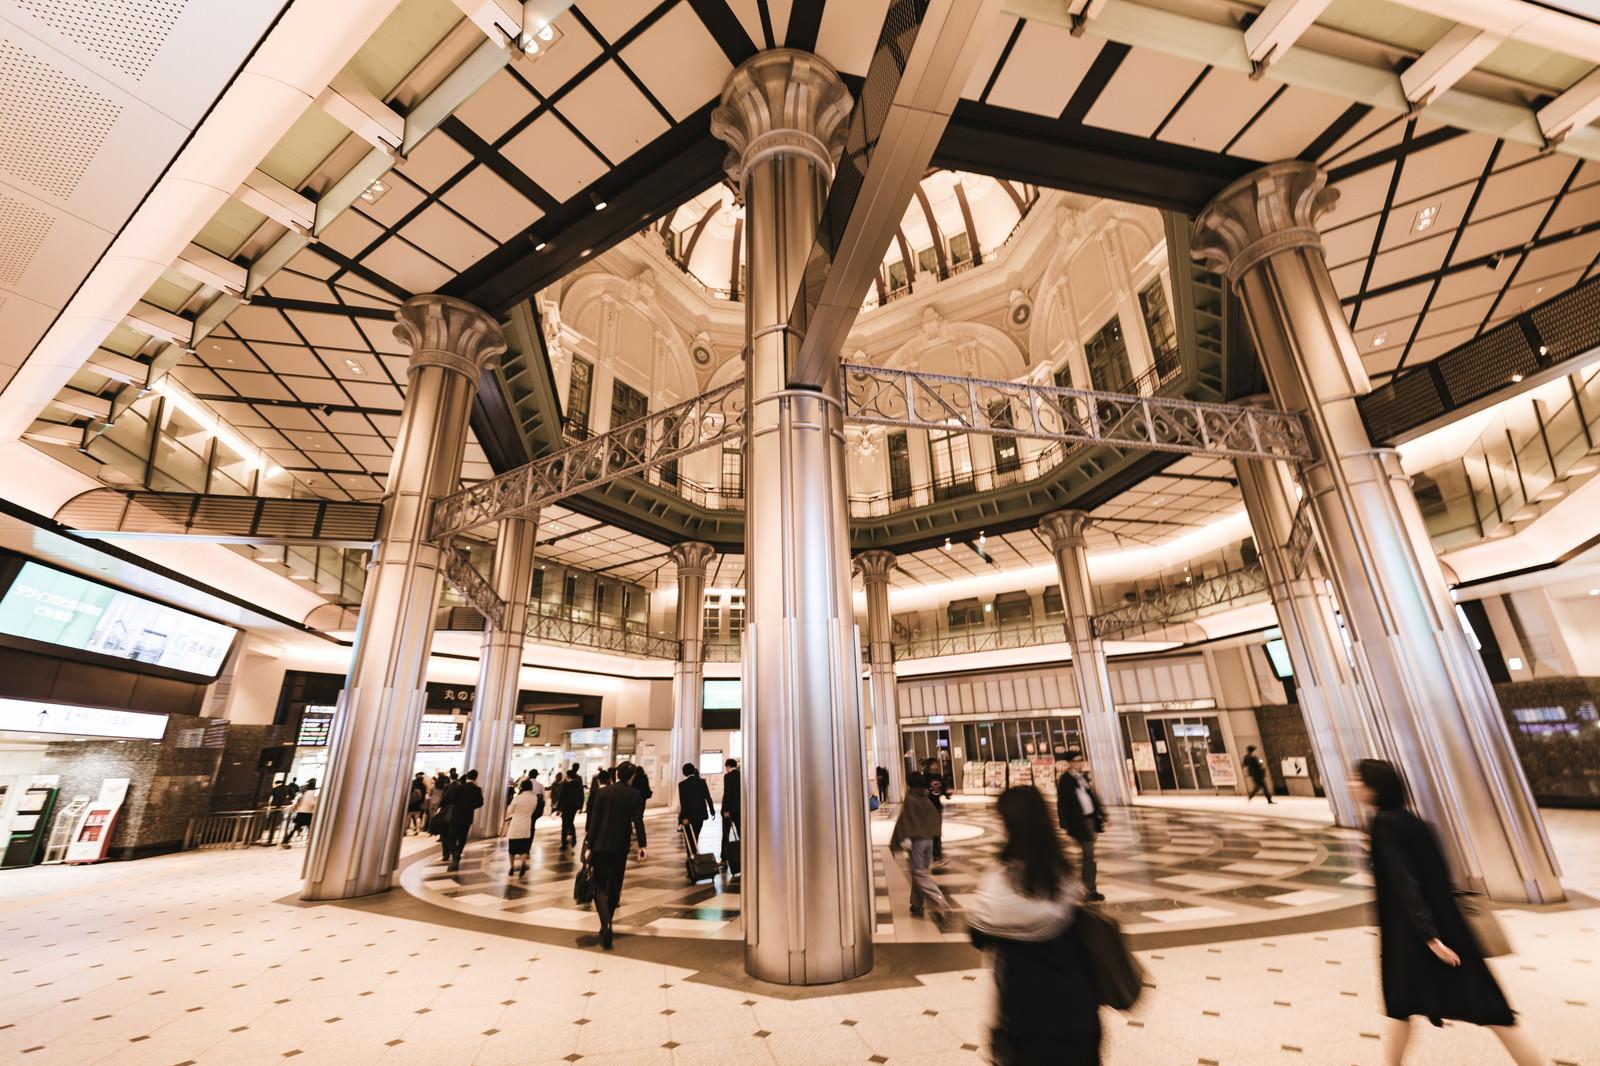 「東京駅丸の内口改札構内」の写真